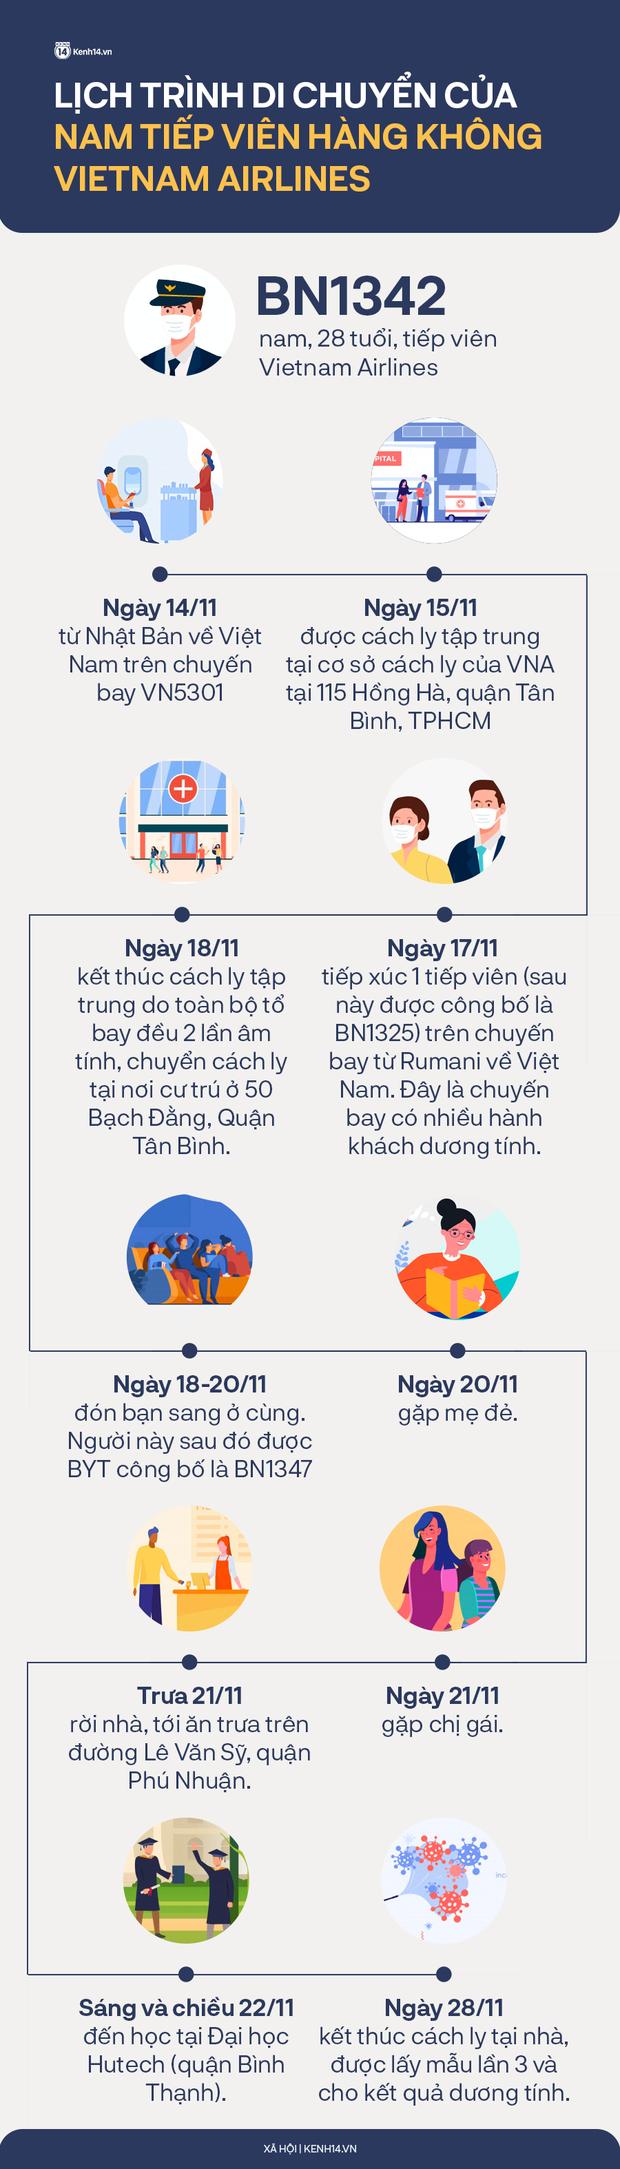 INFOGRAPHIC: Toàn bộ lịch trình của nam tiếp viên Vietnam Airlines từ lúc sai phạm trong khu cách ly tập trung đến khi phát hiện mắc Covid-19 - Ảnh 1.